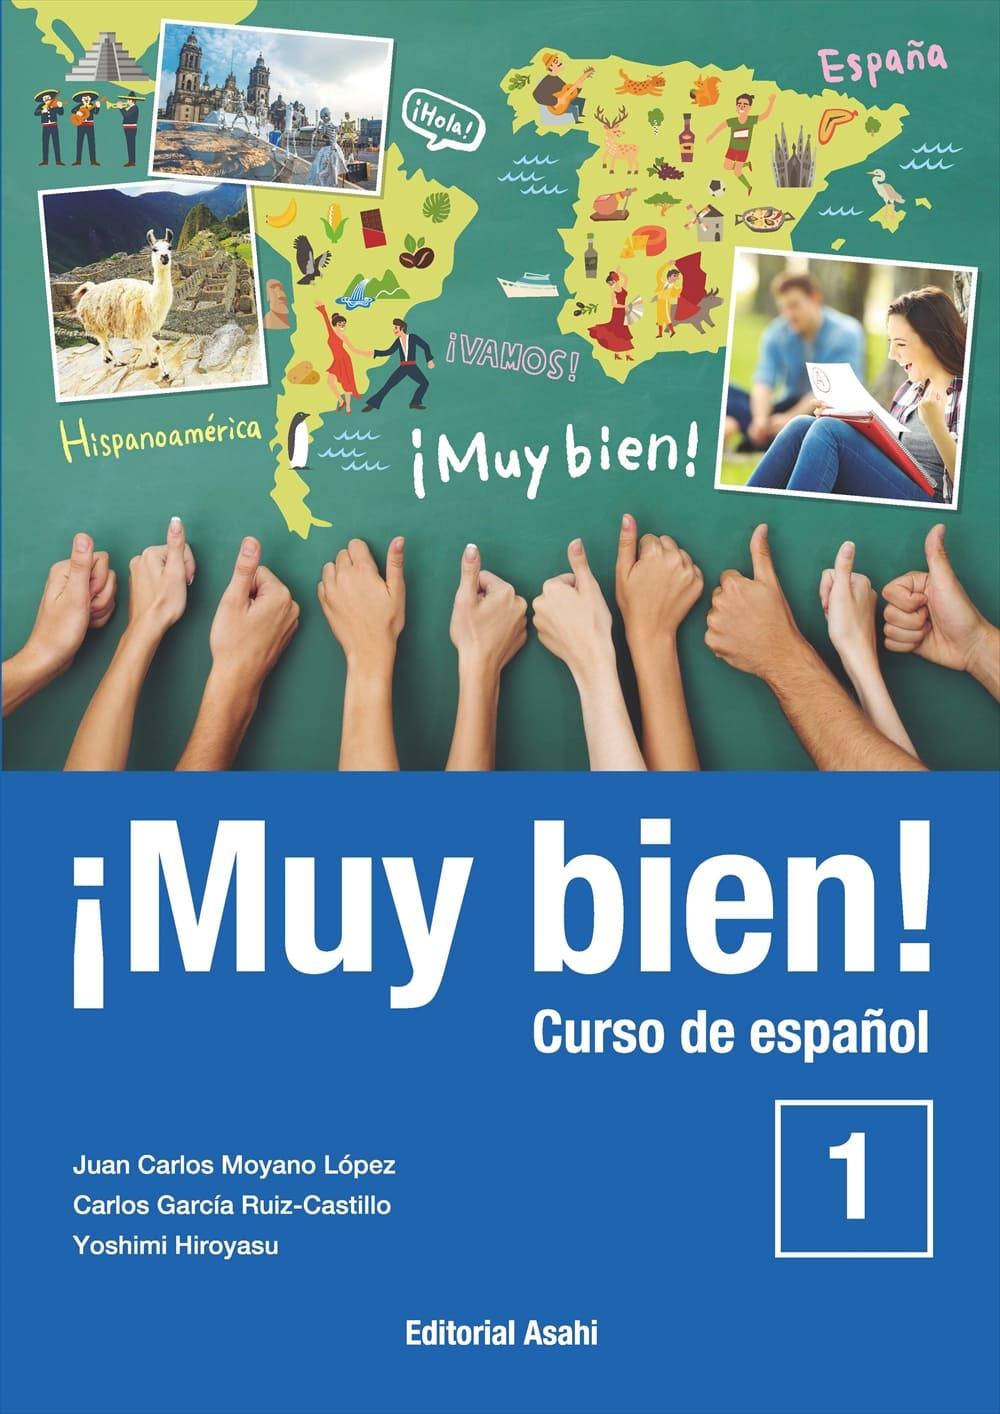 いいね!スペイン語